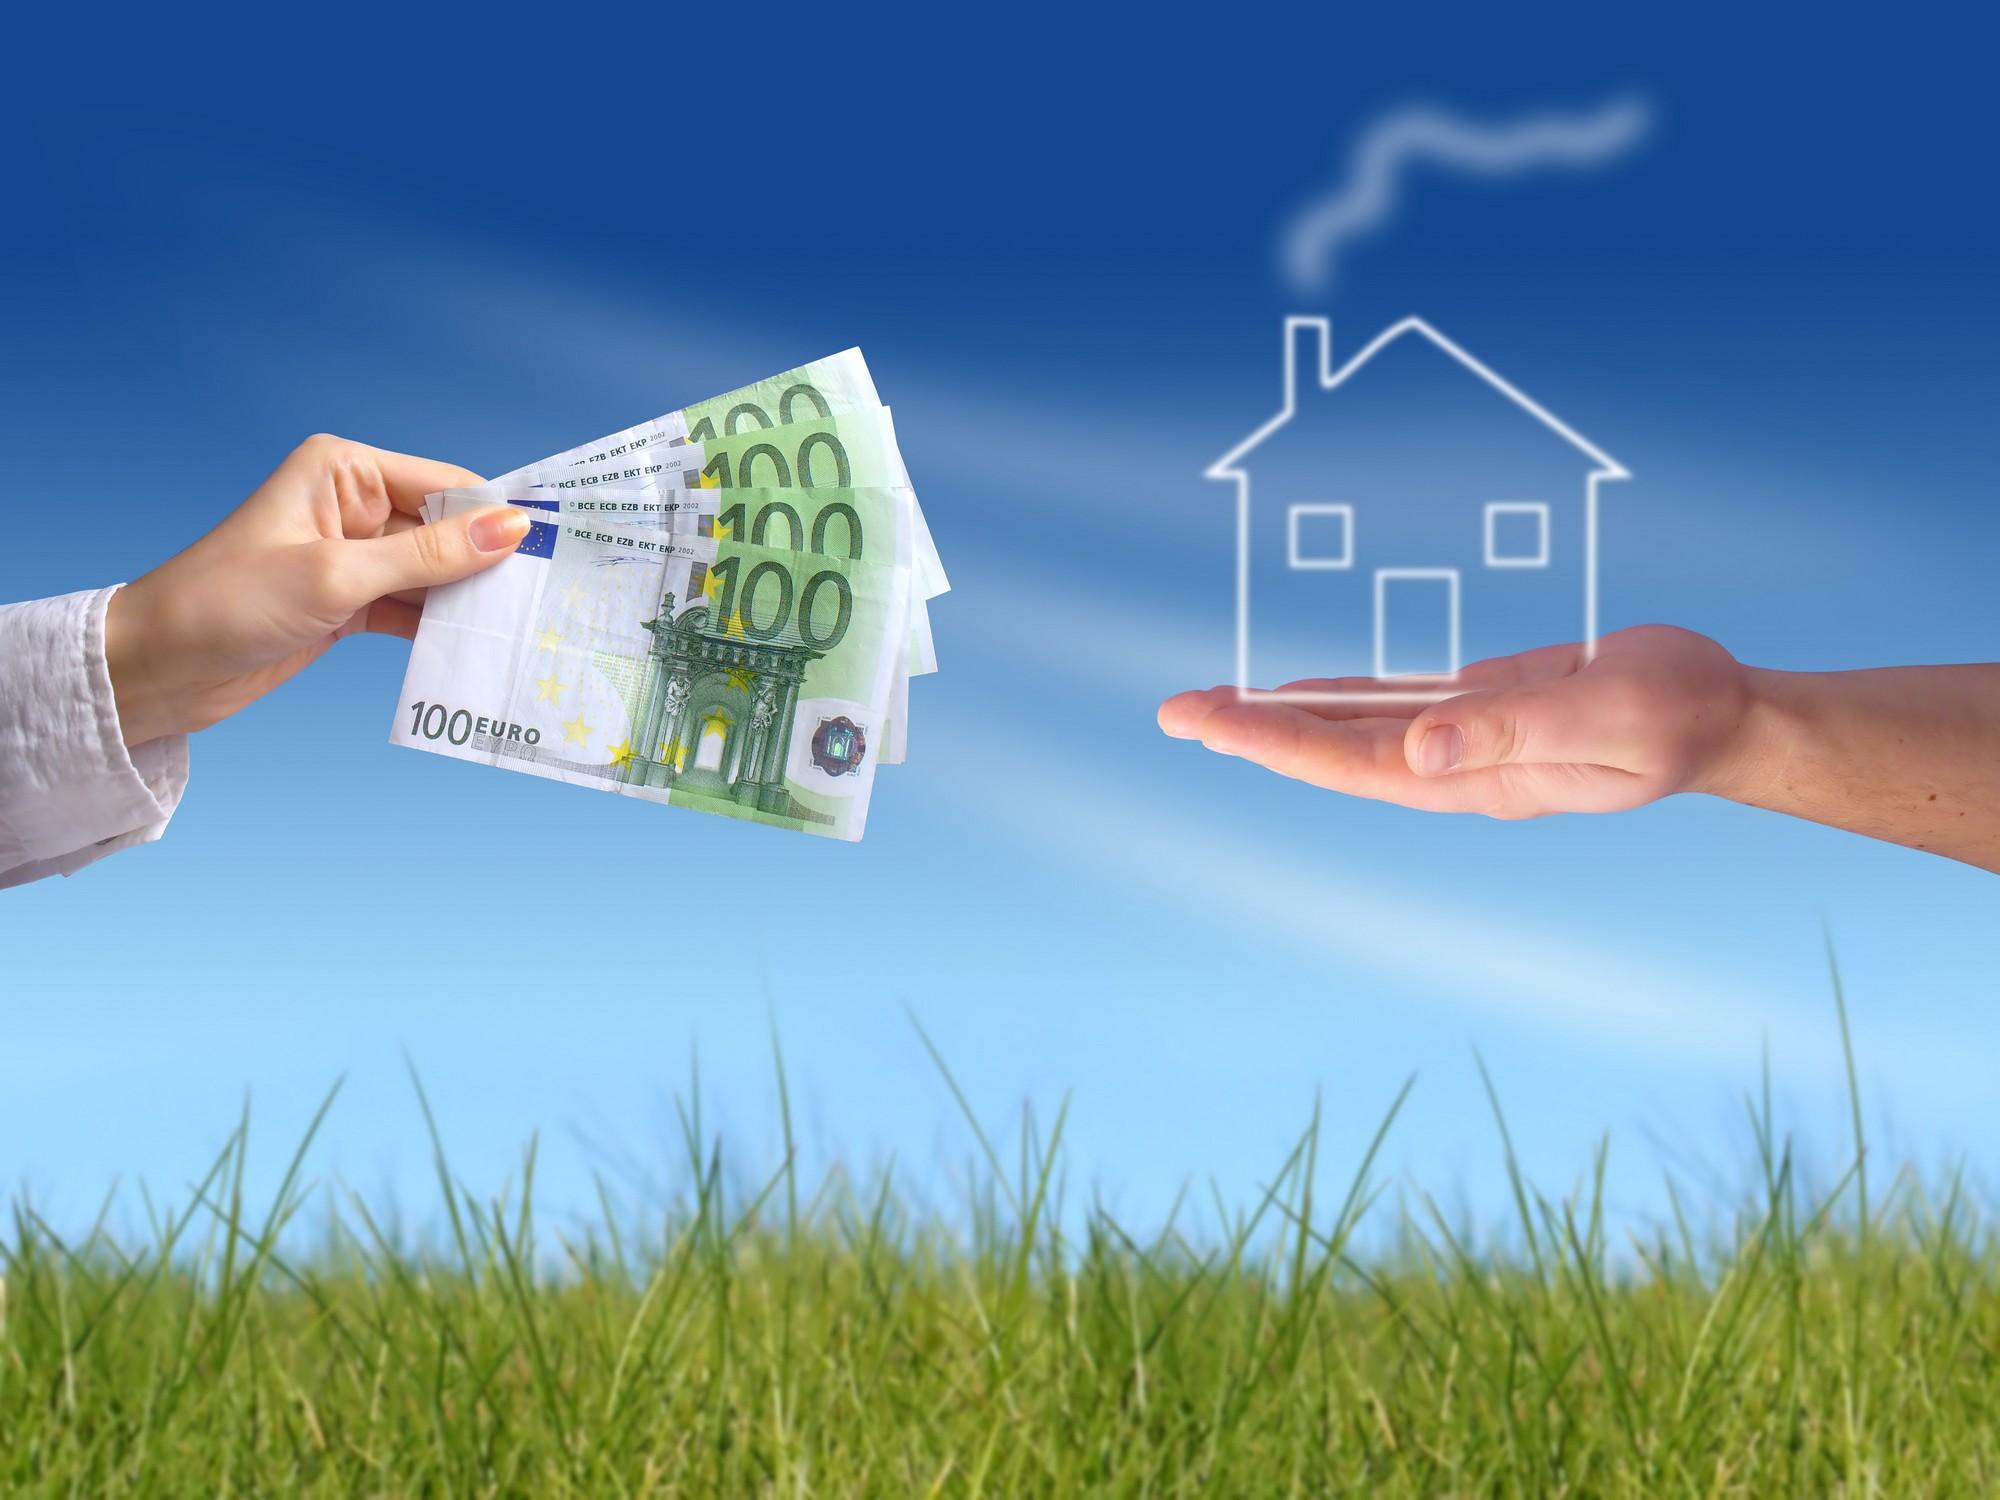 Projet immobilier Sète : rencontrer un promoteur